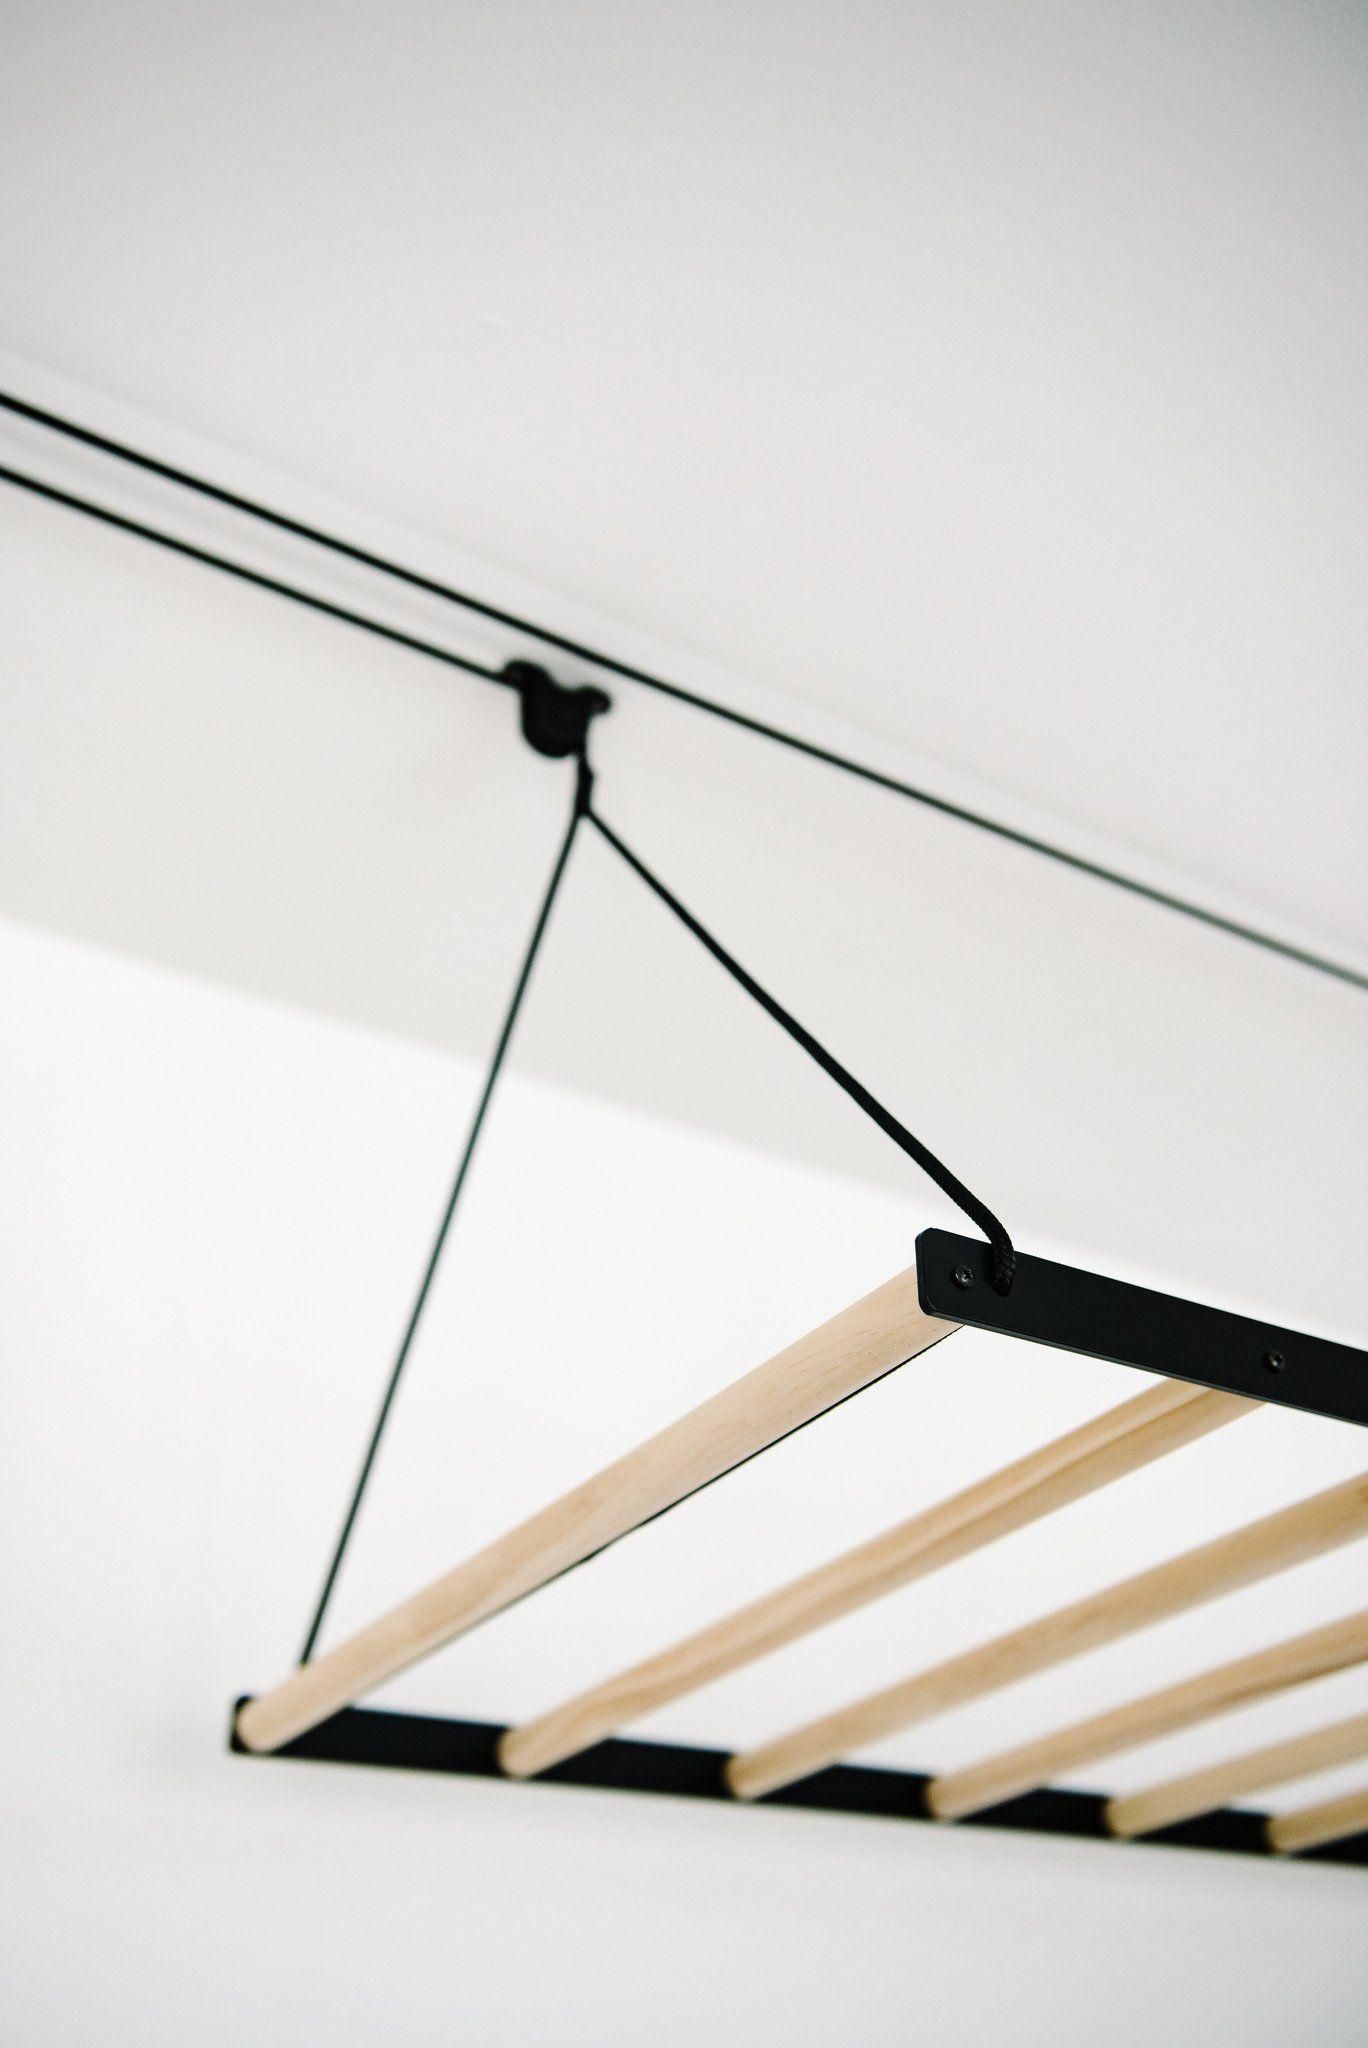 Hanging Drying Rack Hanging Drying Rack Ceiling Hanging